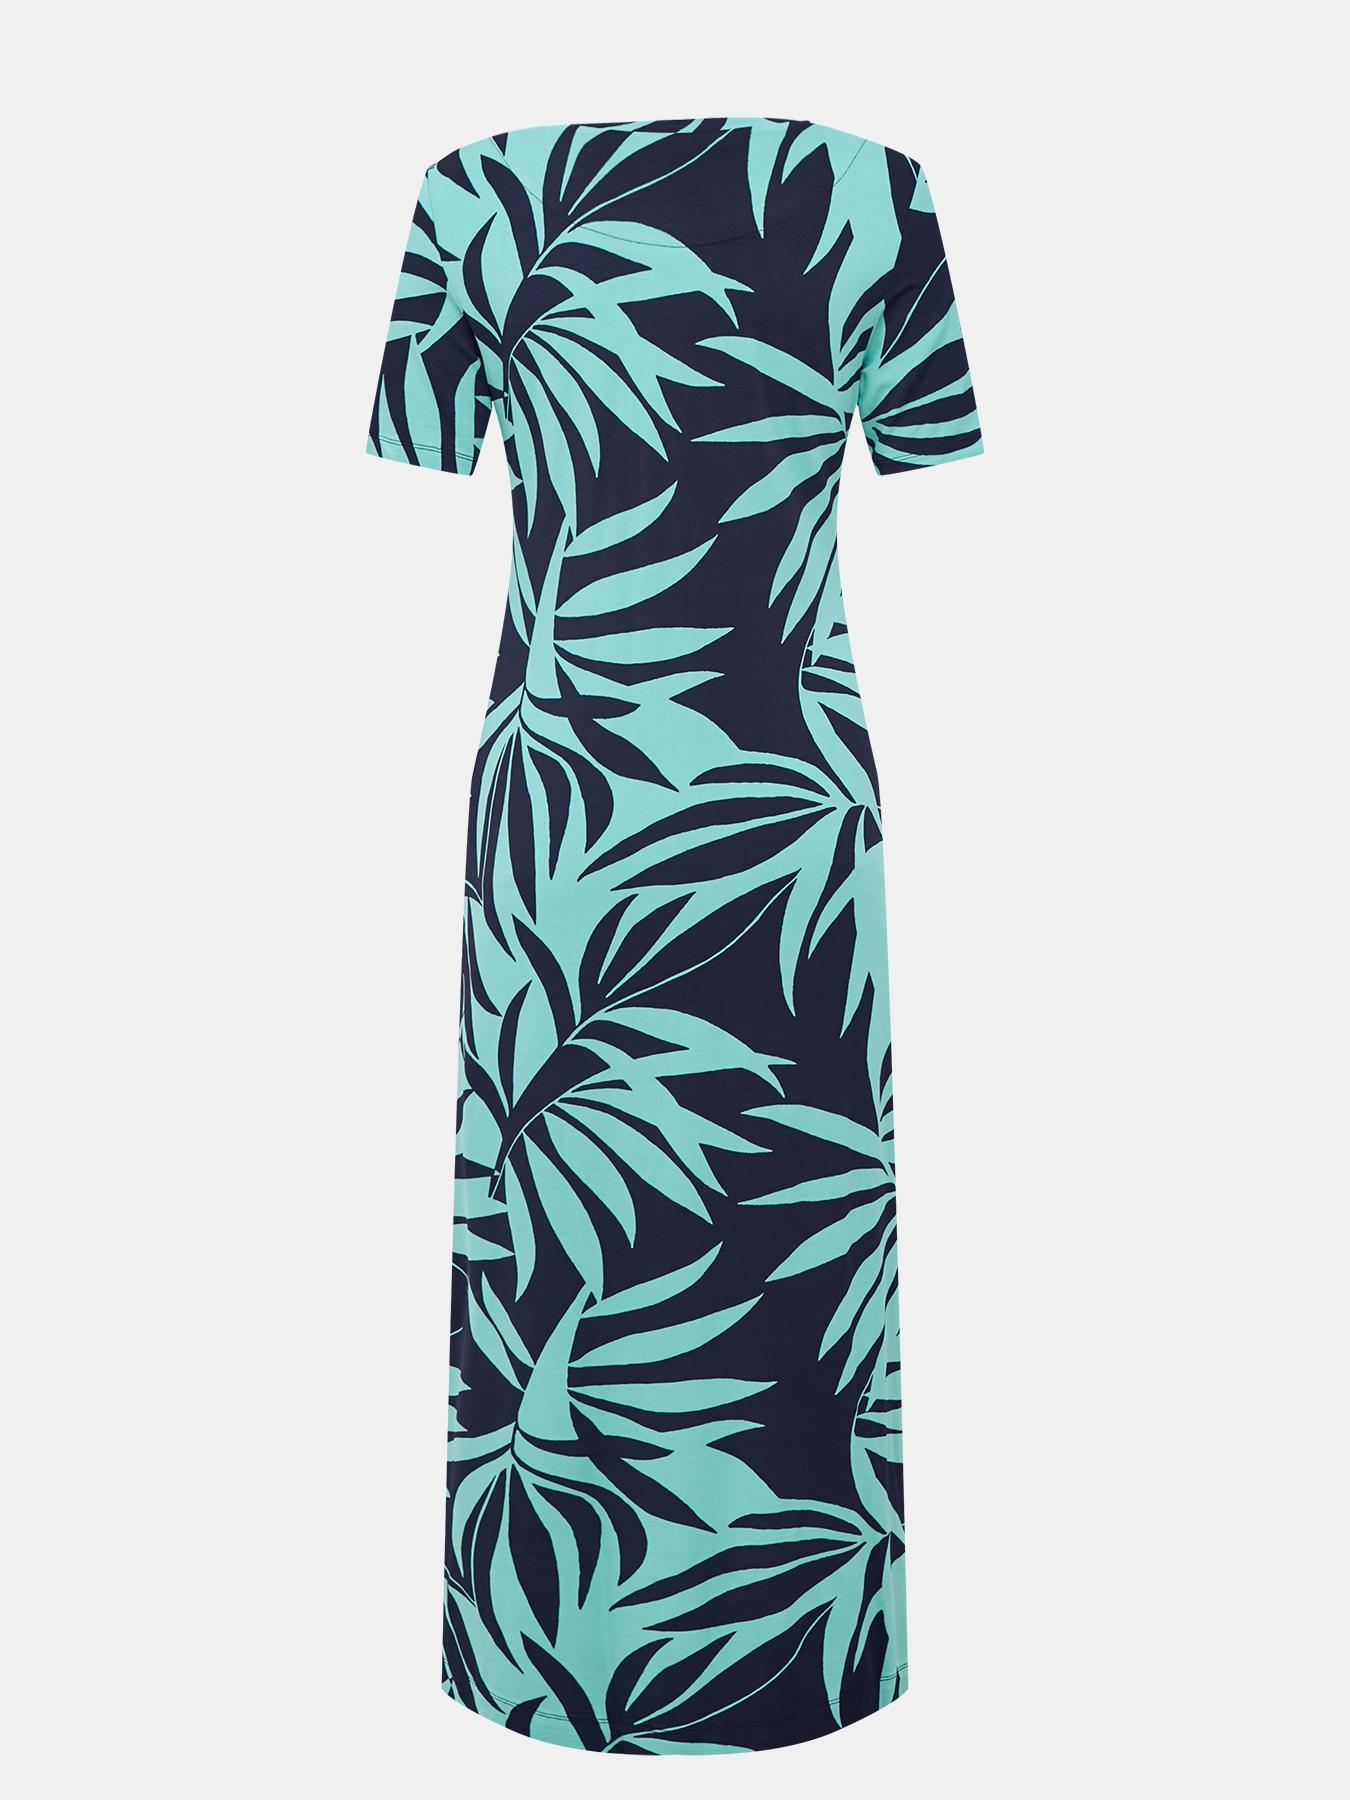 Laurel Платье фото